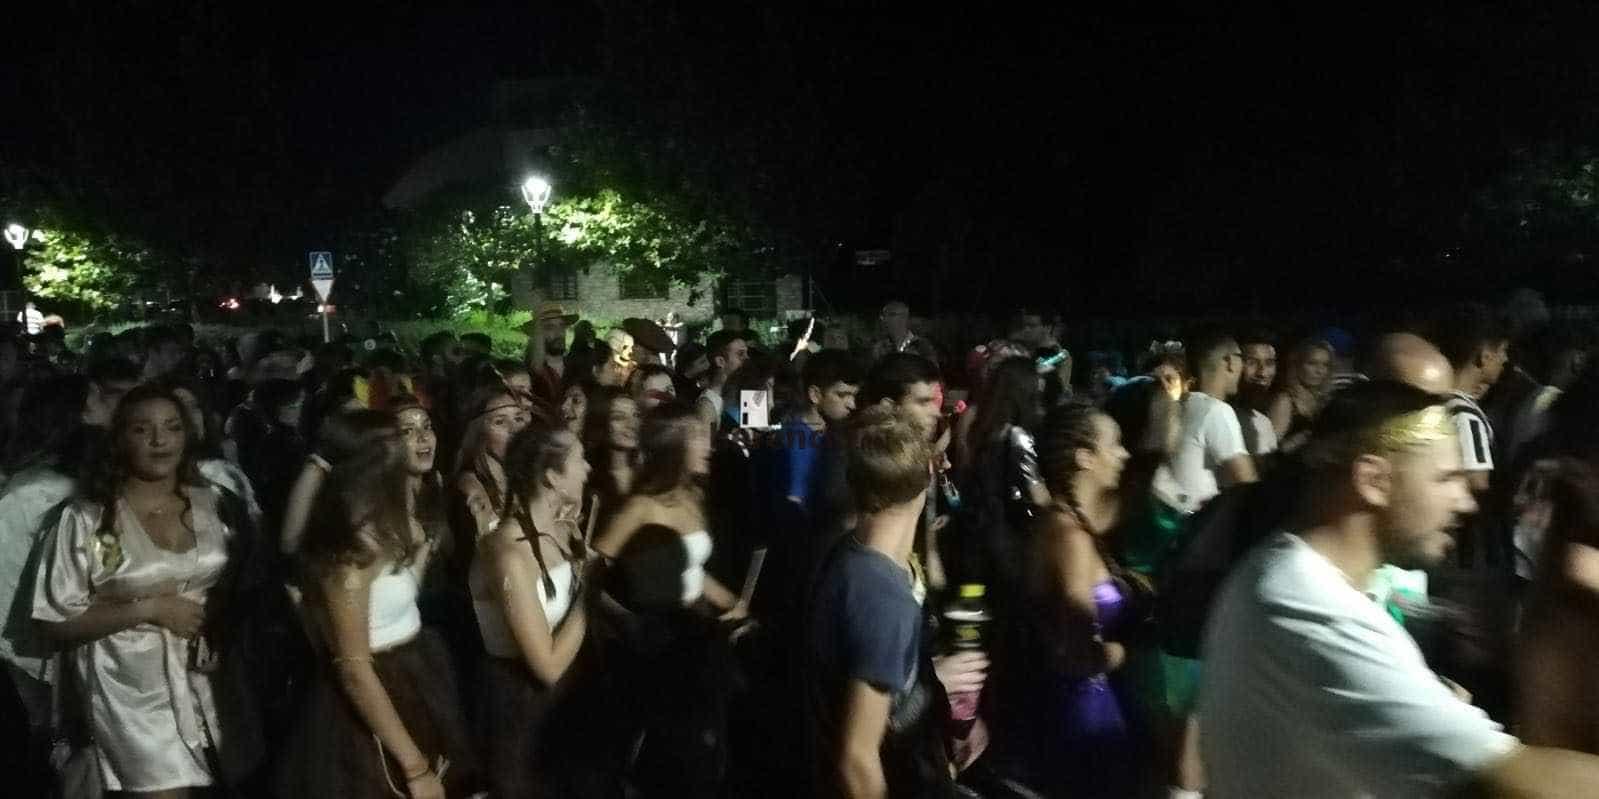 Carnaval de herencia 2019 galeria 20 - Galería de fotografías del Carnaval de Verano 2019